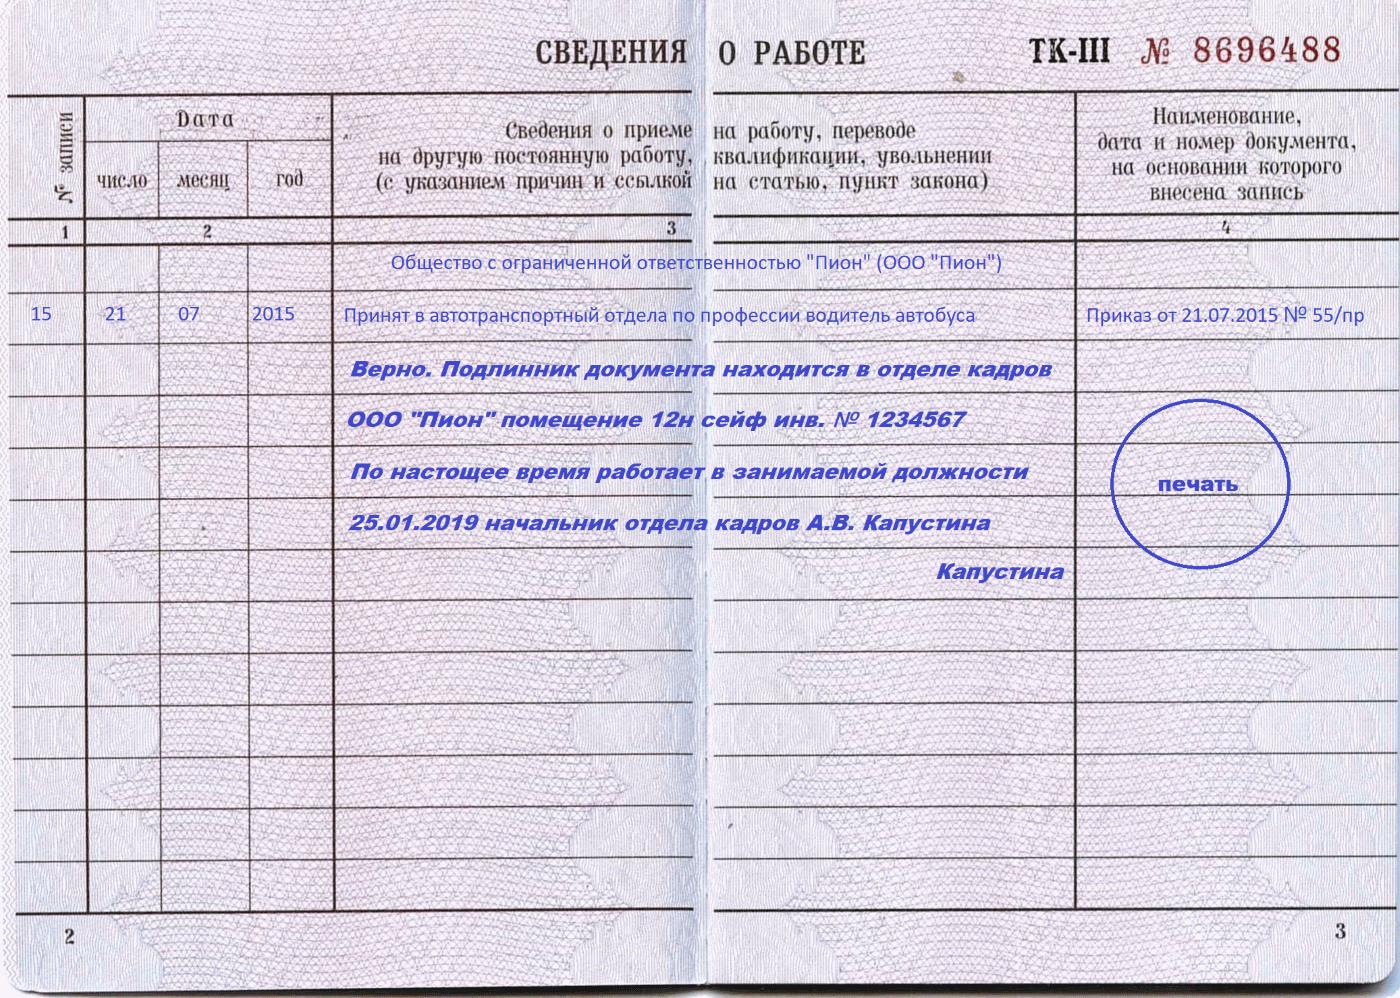 Как заменить инн при смене фамилии документы 2019